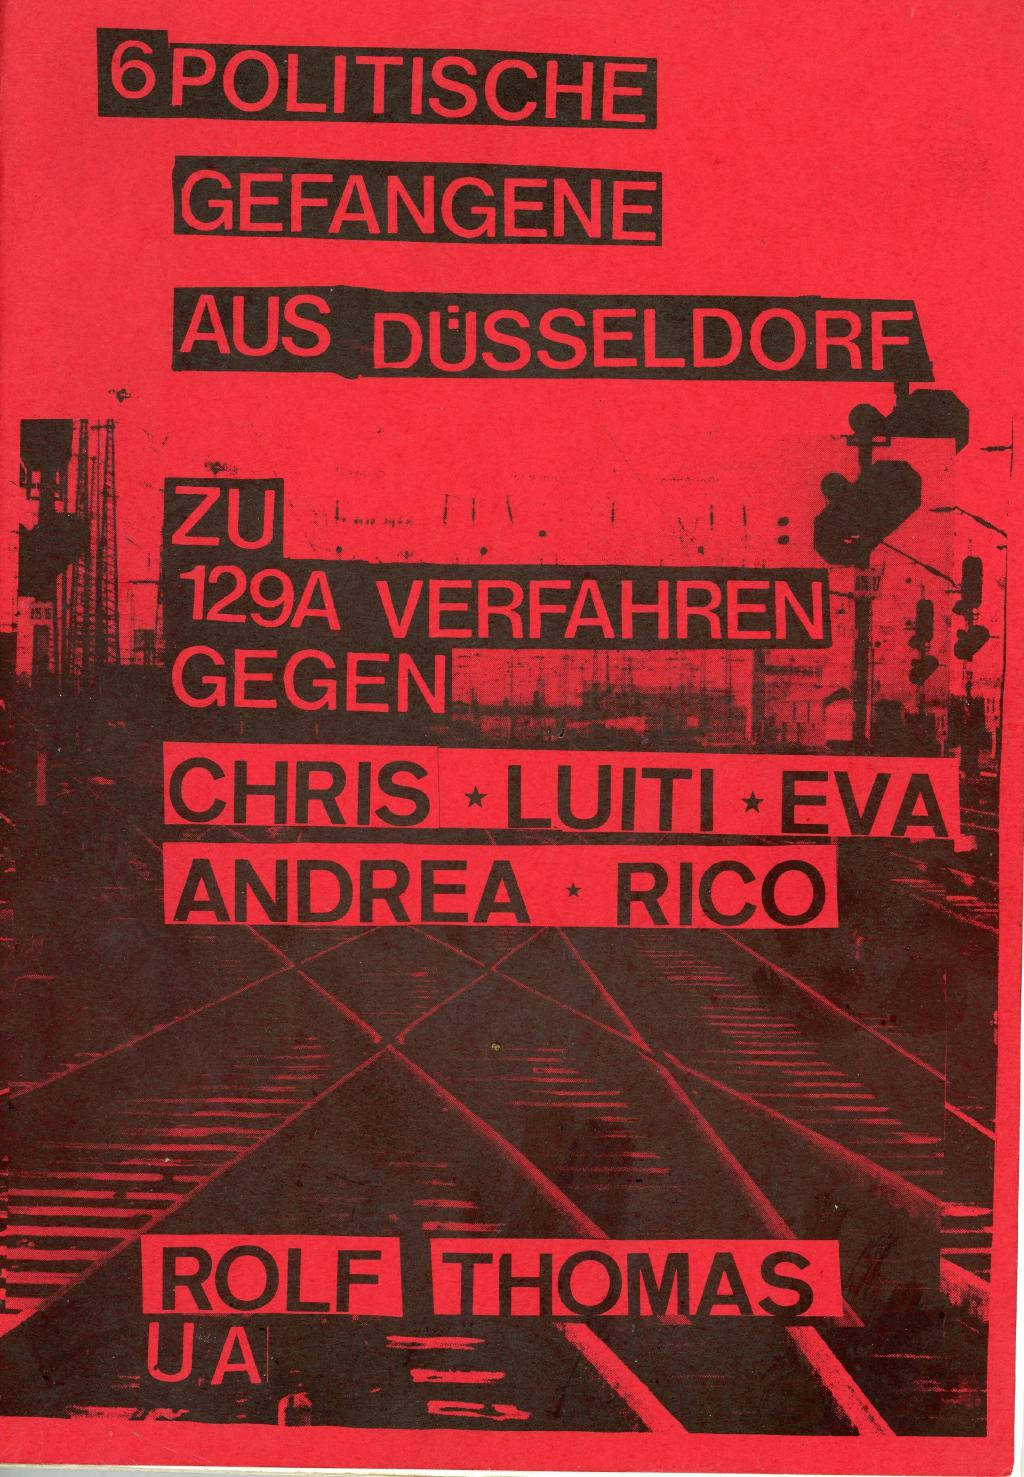 Duesseldorf_1989_Sechs_Politische_Gefangene_001